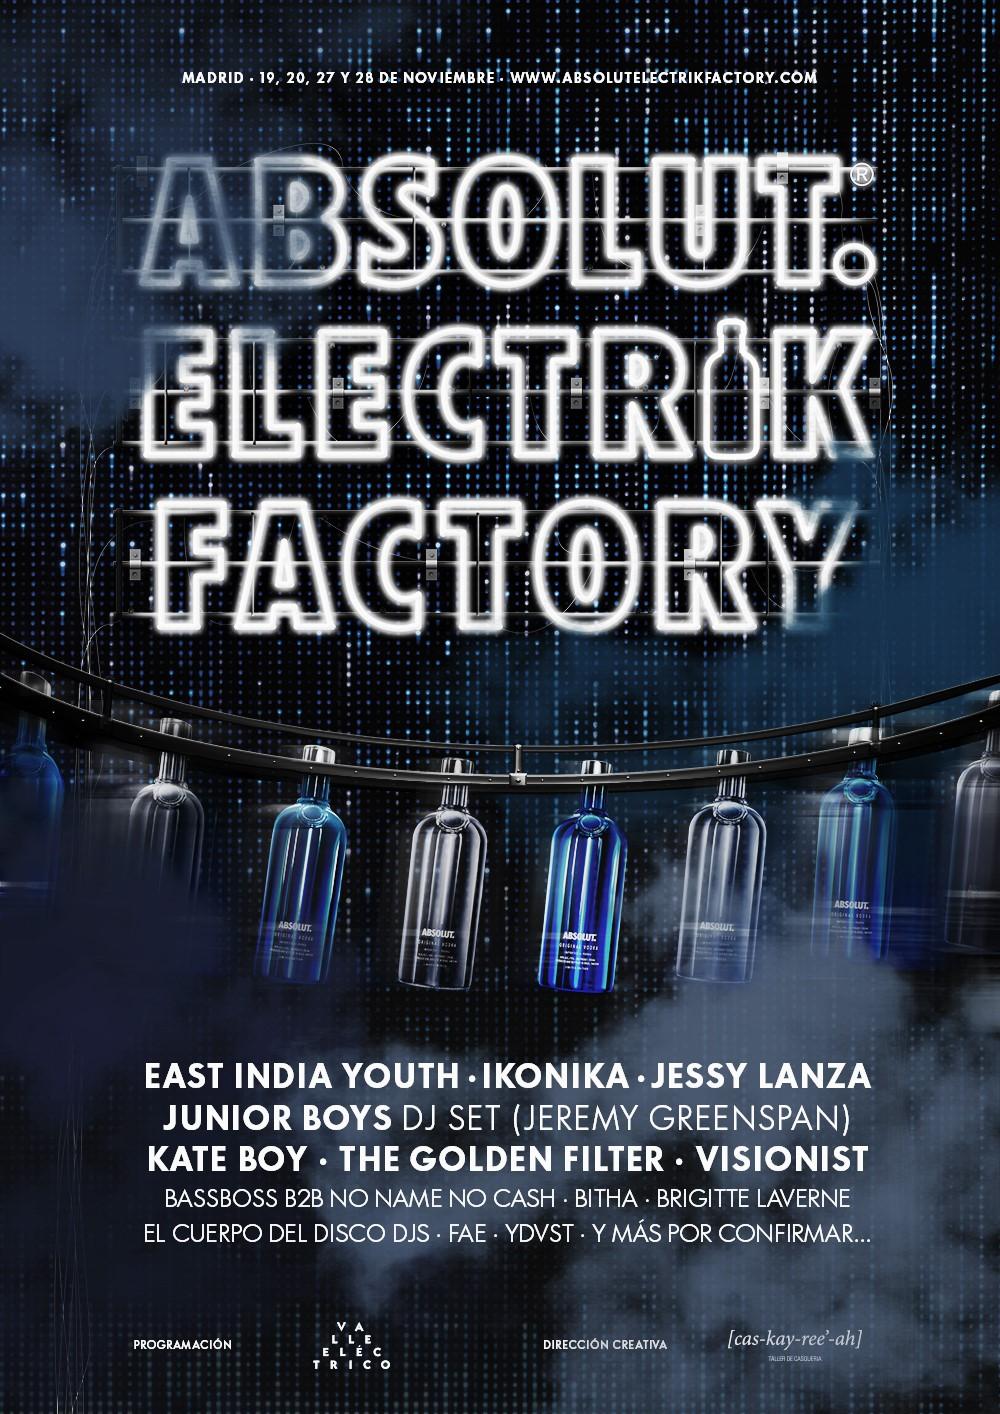 Absolut Electrik Factory, 4 noches de música electrónica